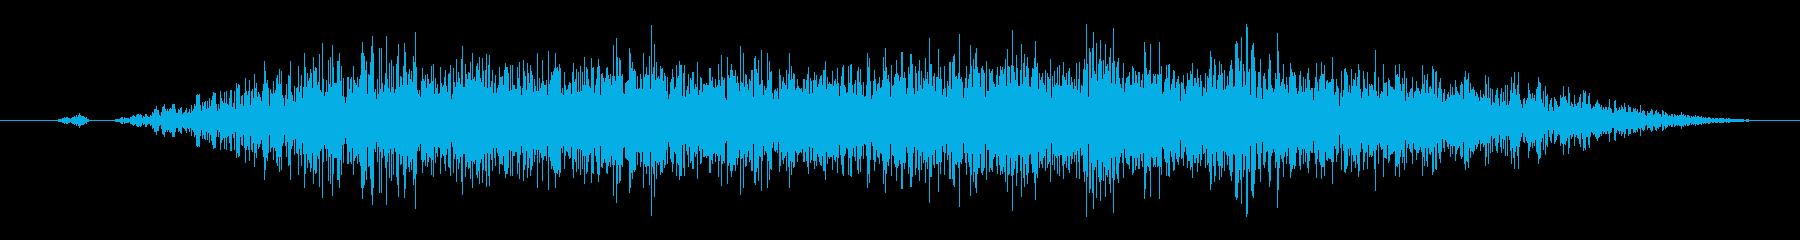 スワイプ、キャンセル、場面転換、閉じる1の再生済みの波形